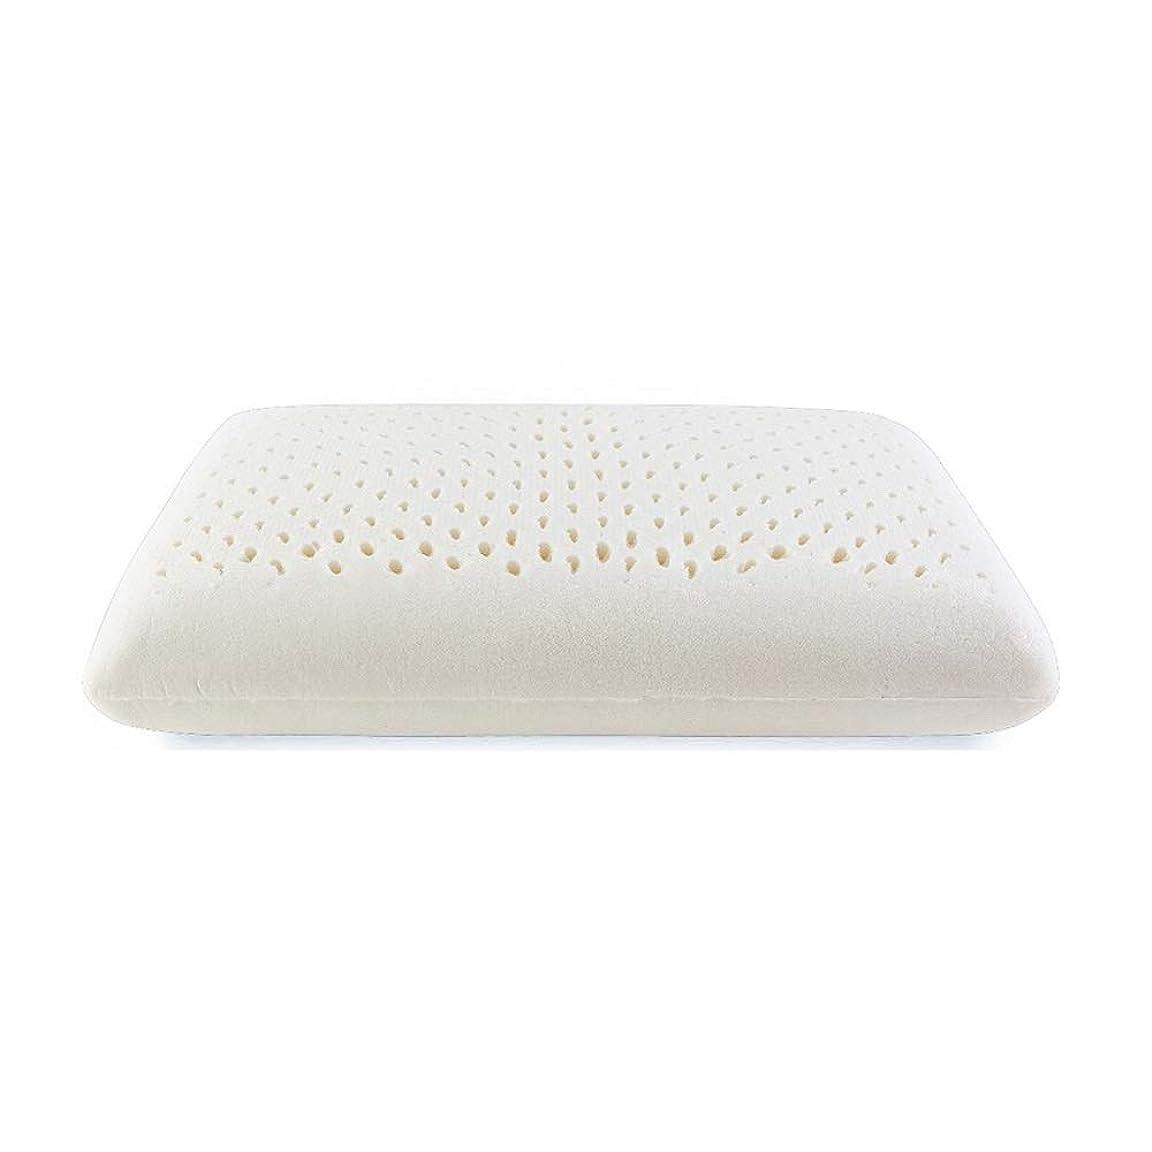 増加する思いやり気になるHNラテックス枕 ラテックス枕 - 天然ラテックス枕タイ王国輸入ゴム枕コンフォートパン枕